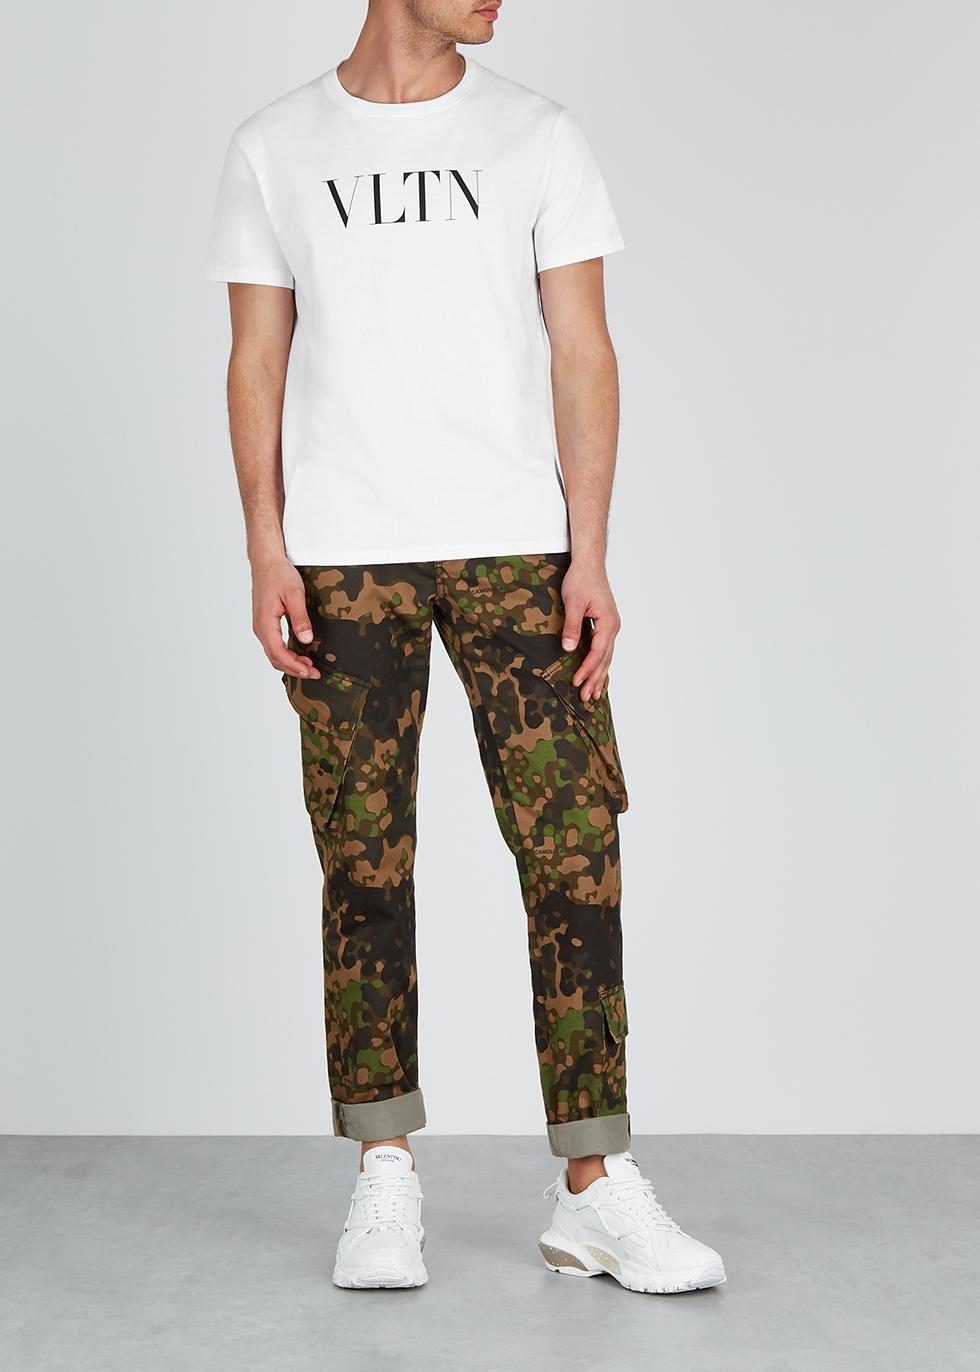 White cotton T-shirt - Valentino